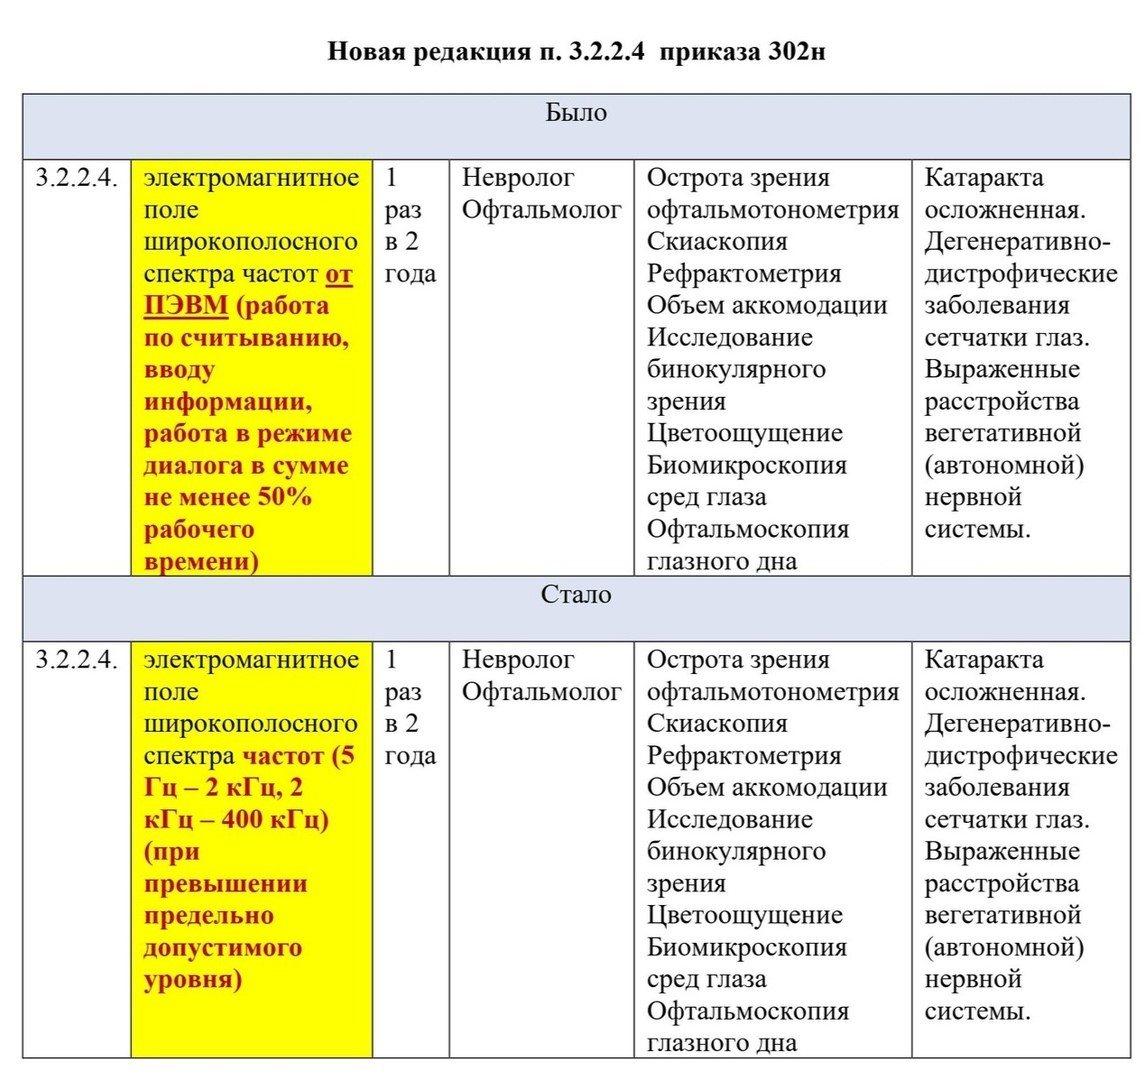 приказ 302н в новой редакции - таблица 1